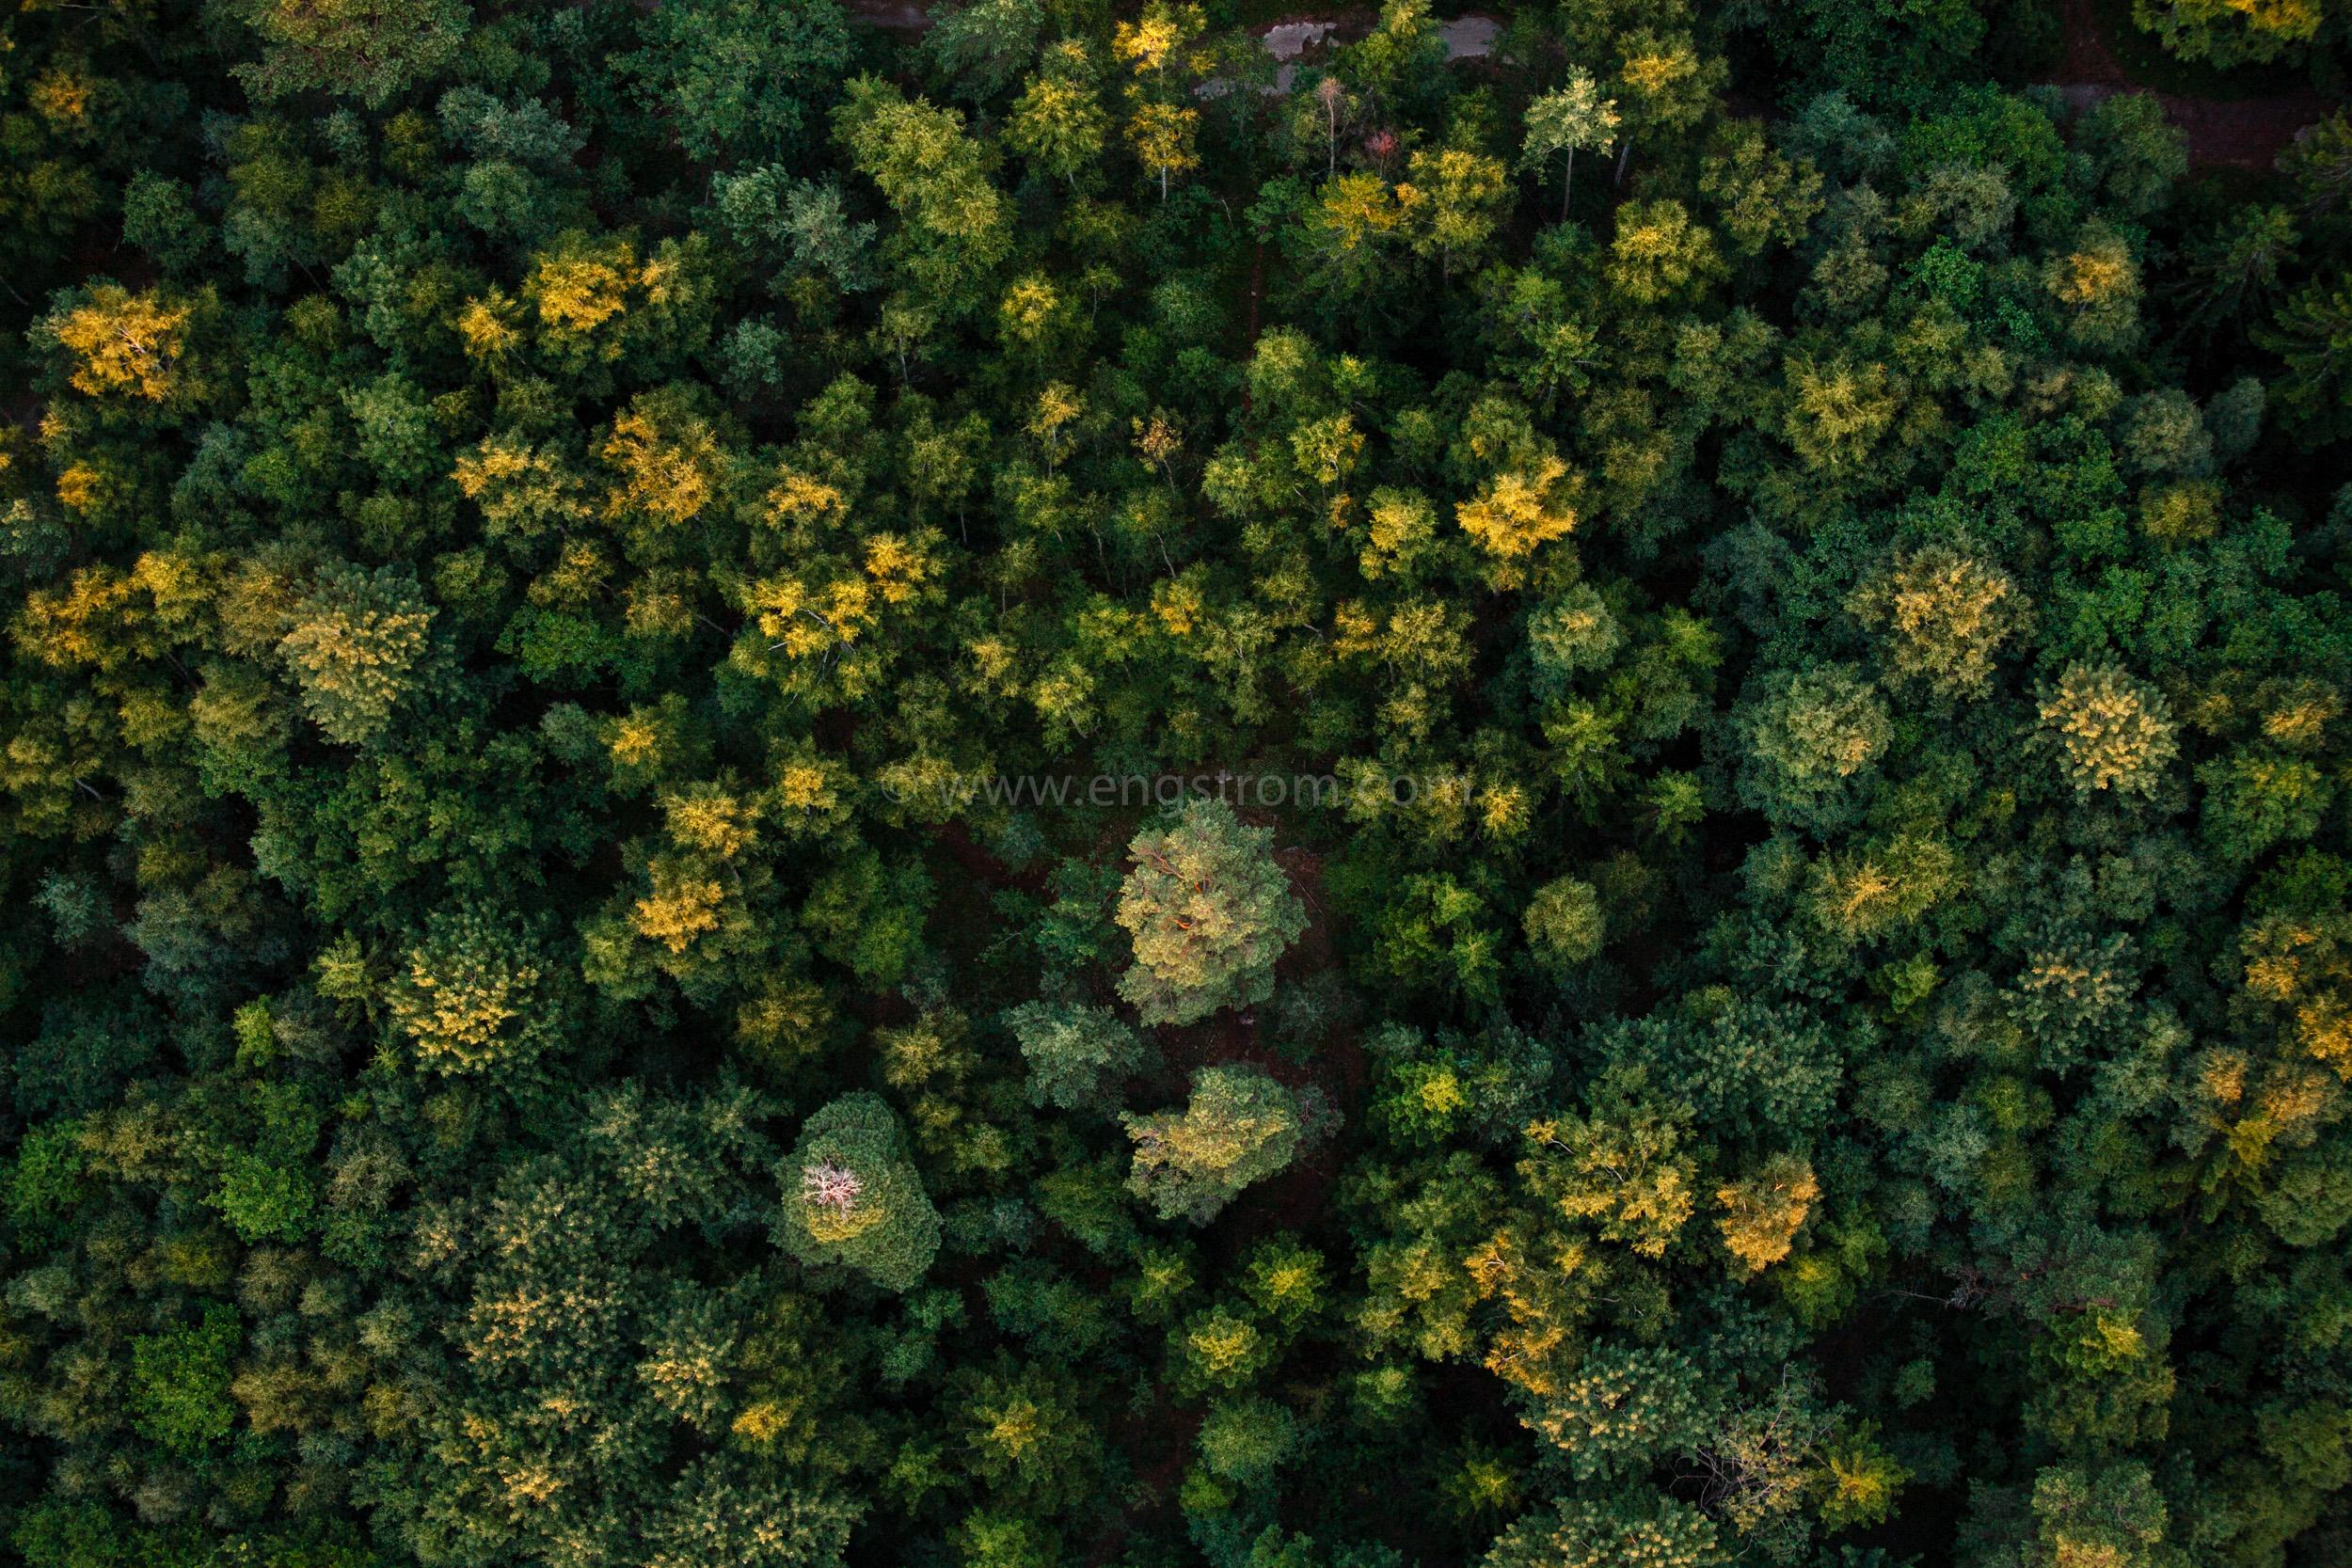 JE_20110720-211002, Skog uppifrån i skymningsljus. Flygfoto., Jonas Engström